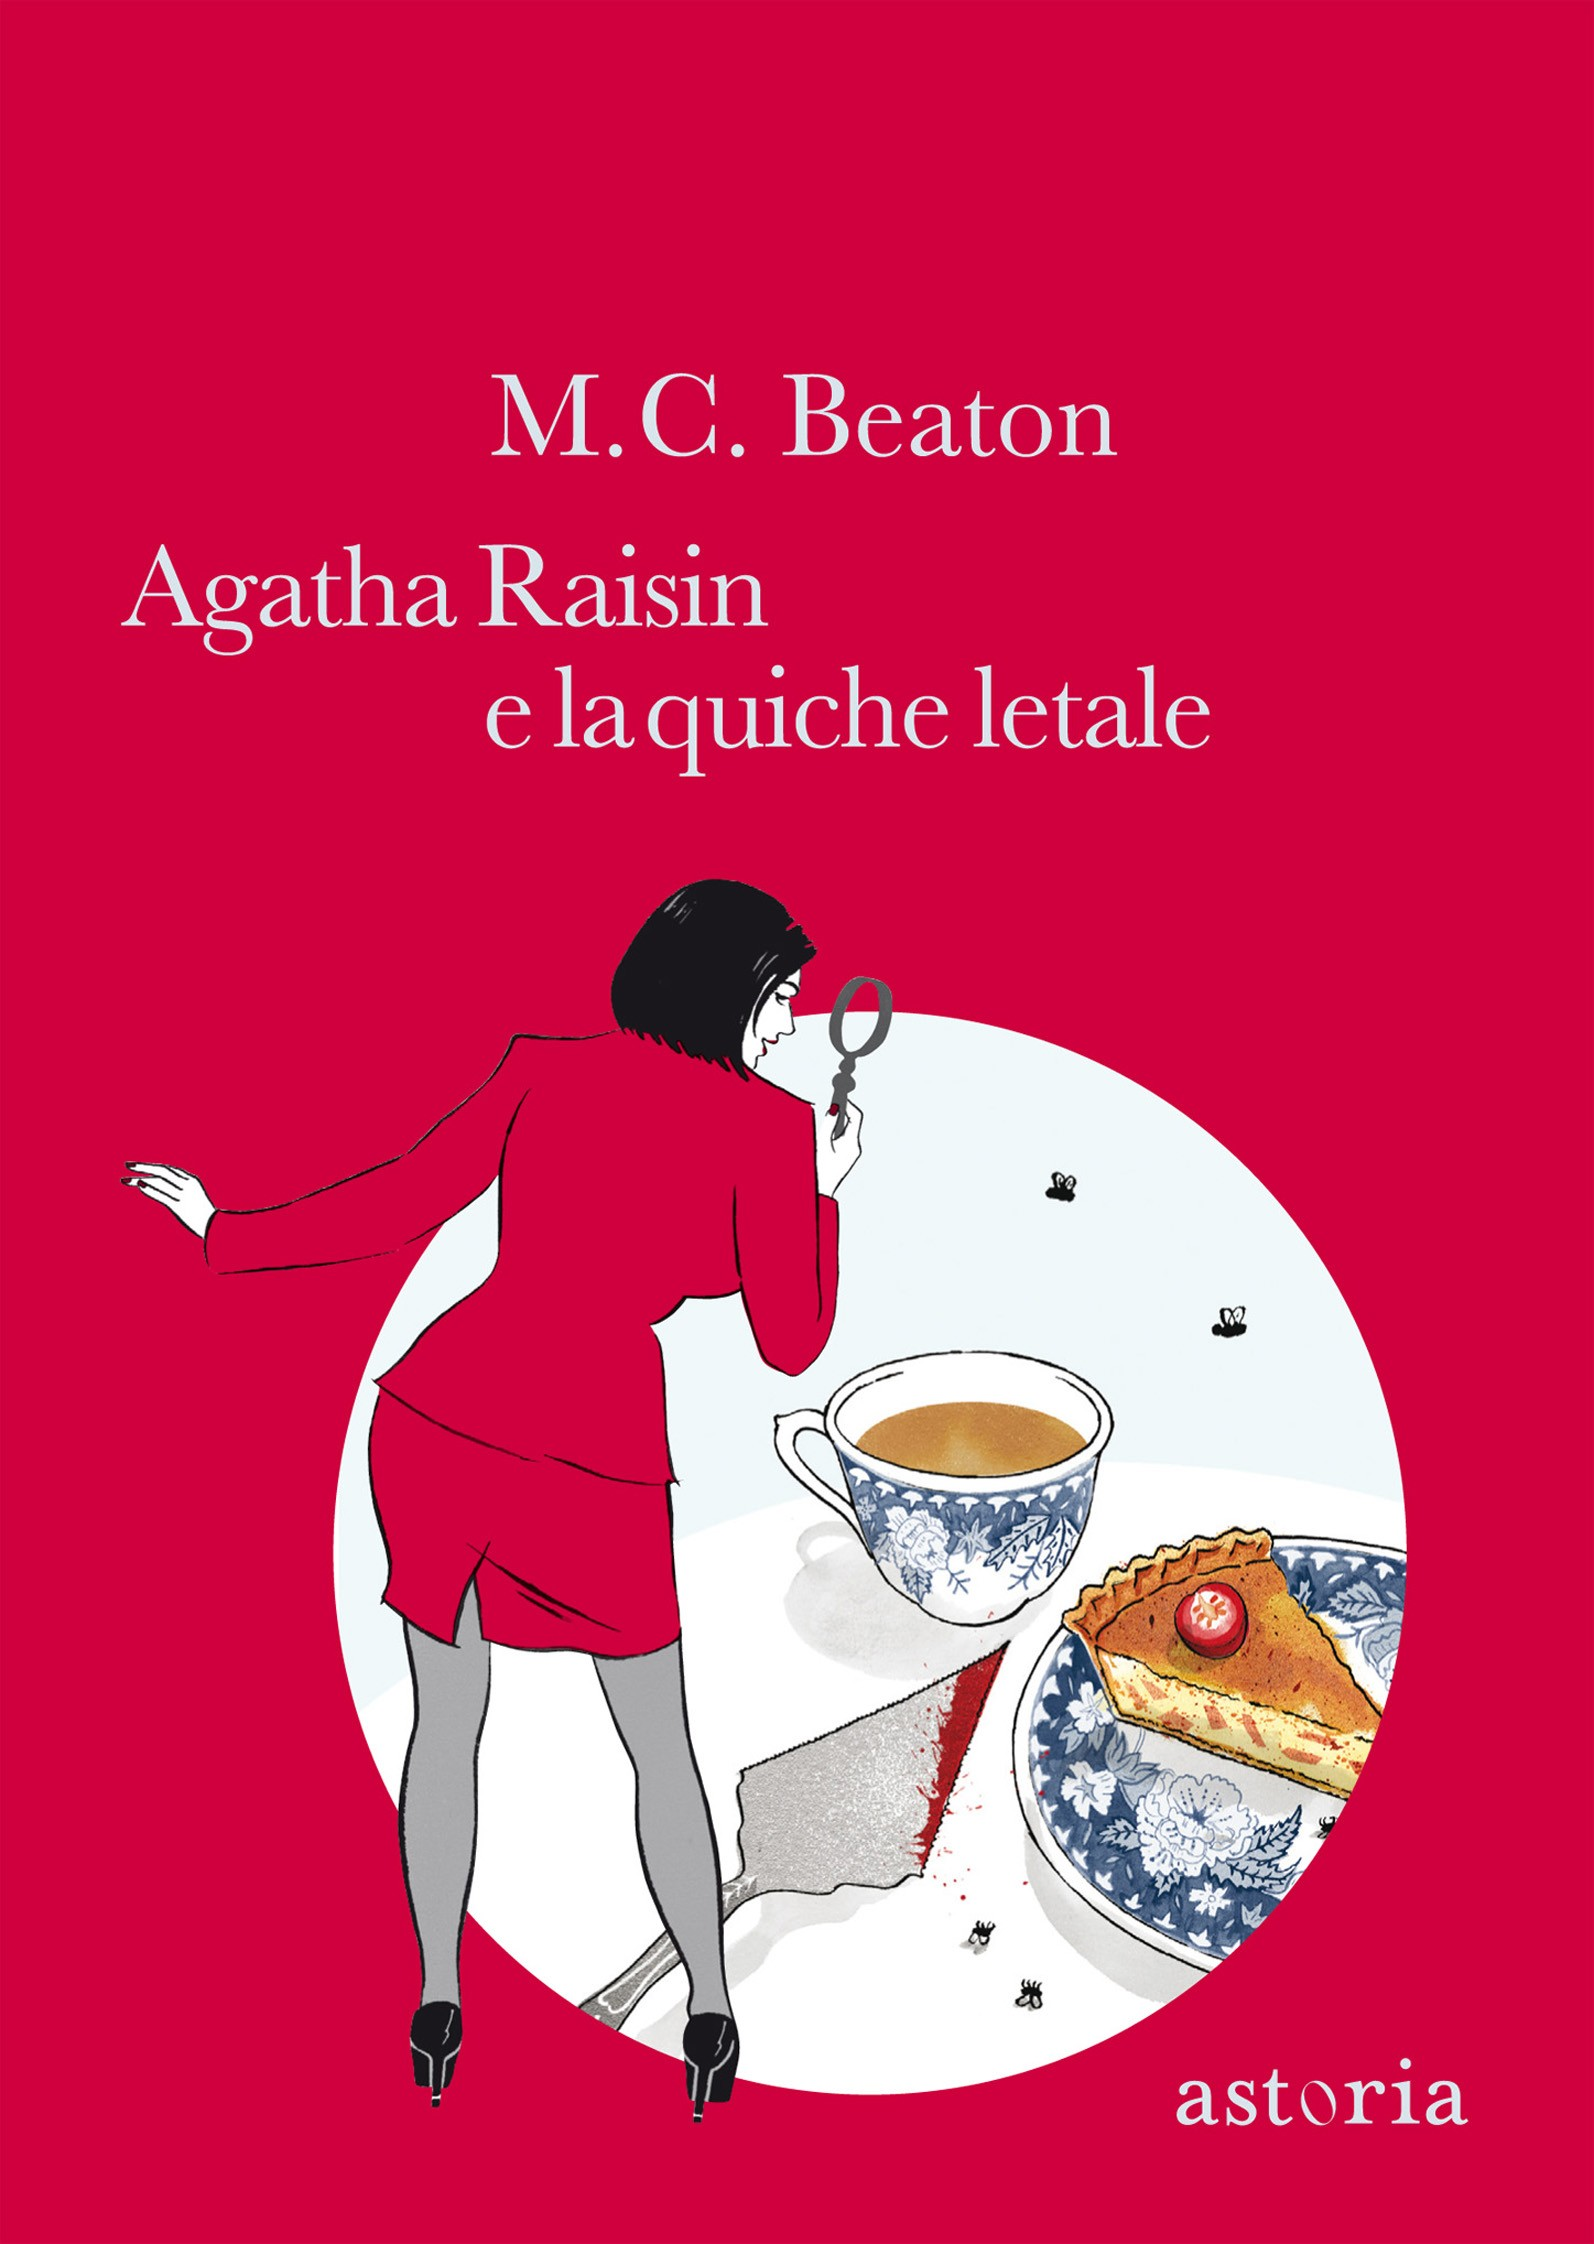 Agatha Raisin e la quiche letale Book Cover